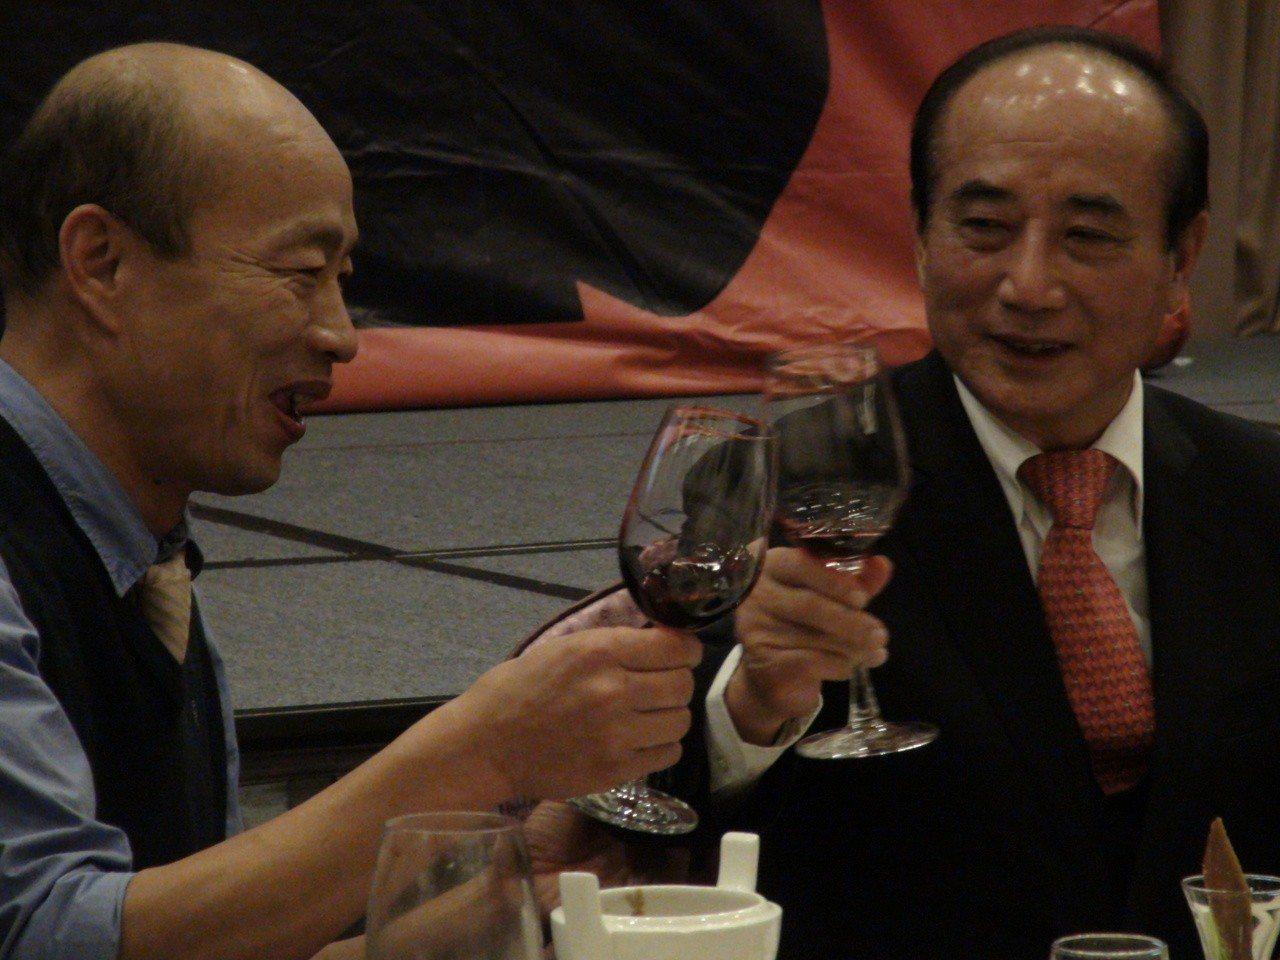 高雄市長韓國瑜祝福王院長新的一年,一切順利,然後心想事成。記者謝梅芬/攝影